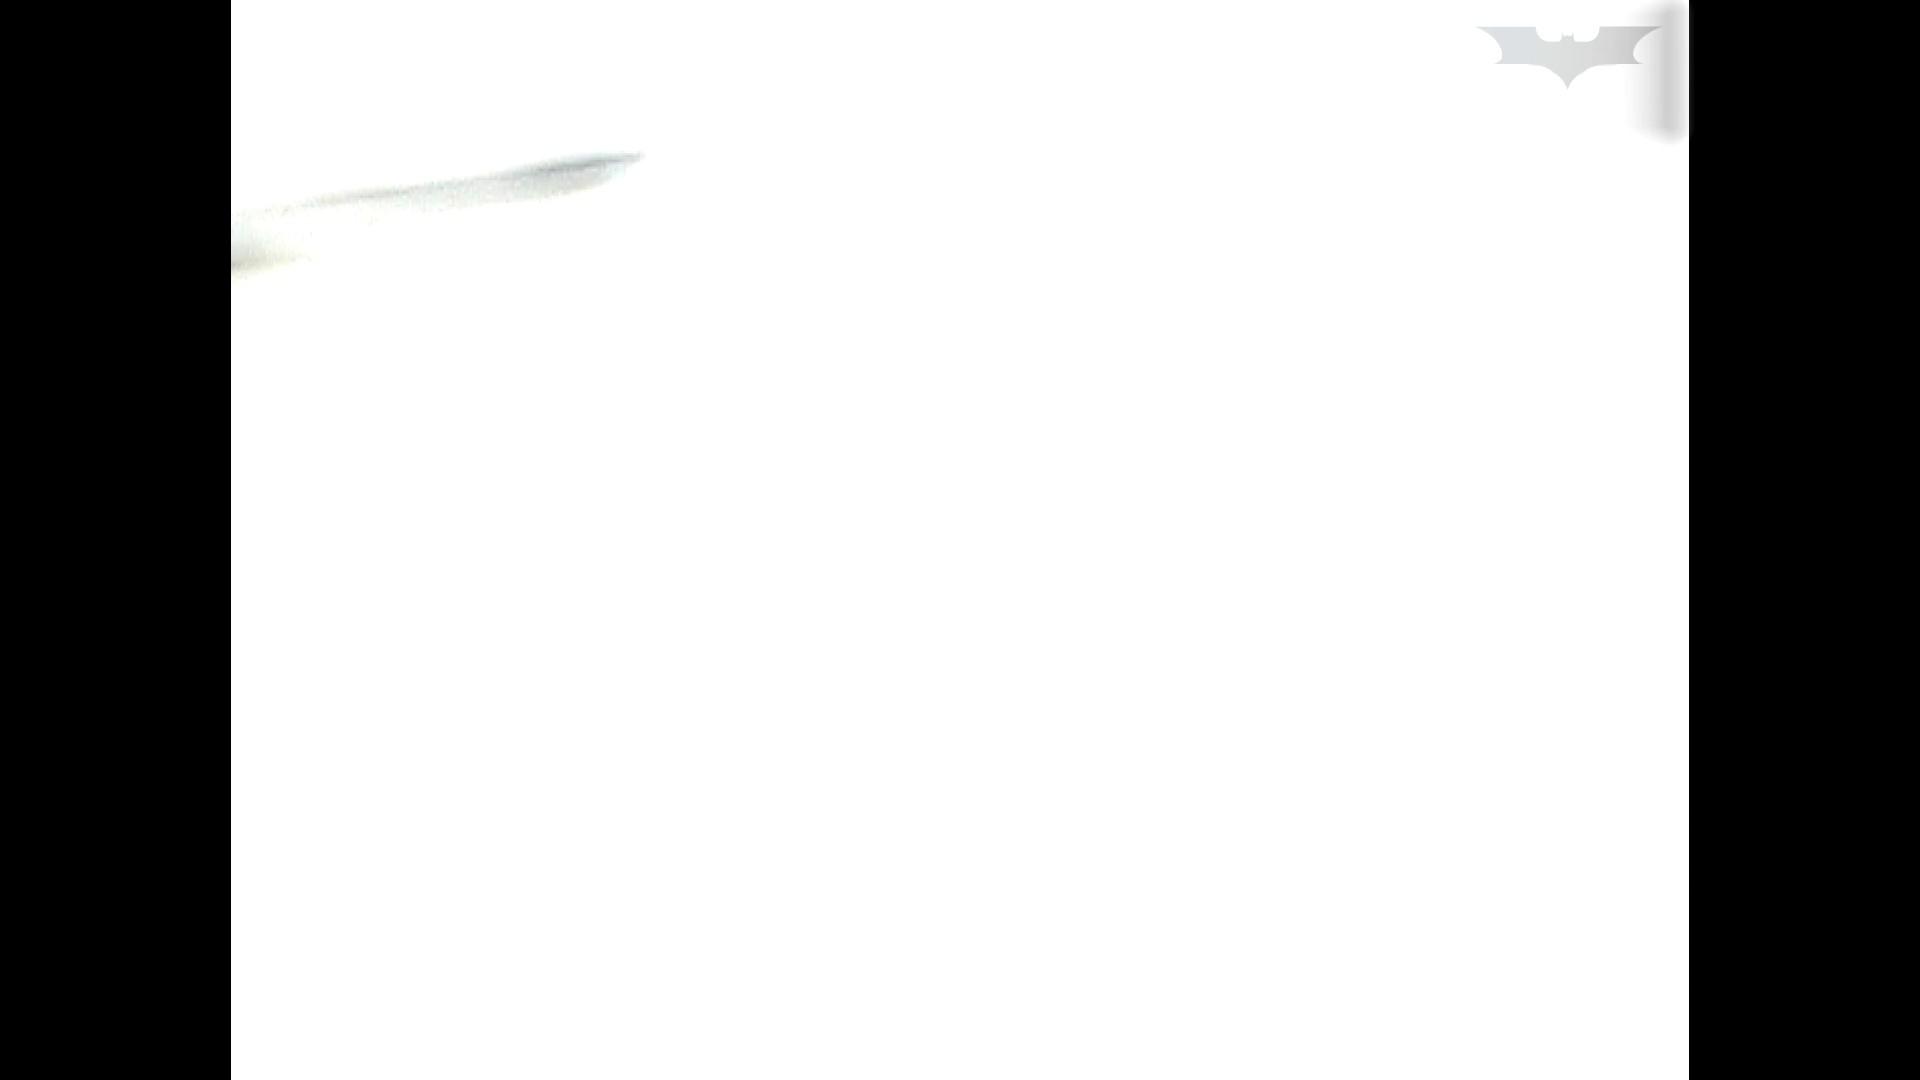 空爆特集!和式フロントツル4名期間限定神キタ!ツルピカの放nyo!Vol.09 盛合せ  80PIX 20